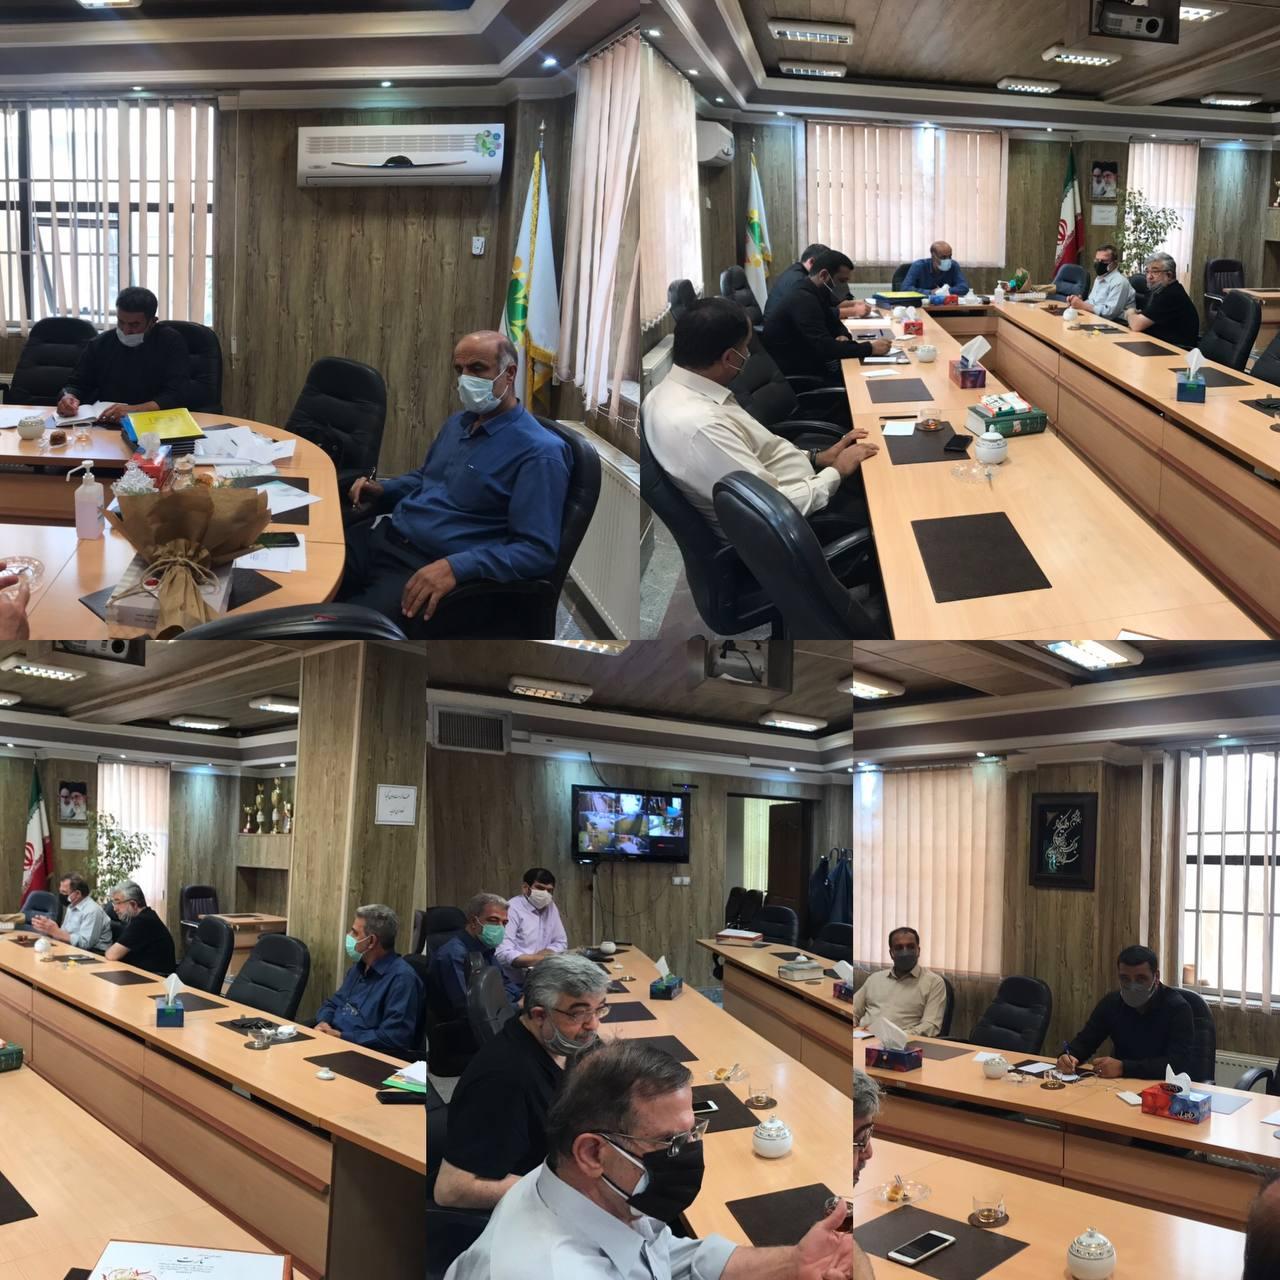 جلسه هم اندیشی بررسی مسائل و مشکلات مجتمع خیریه فاطمیه محله مرانک شهر آبسرد برگزار شد.